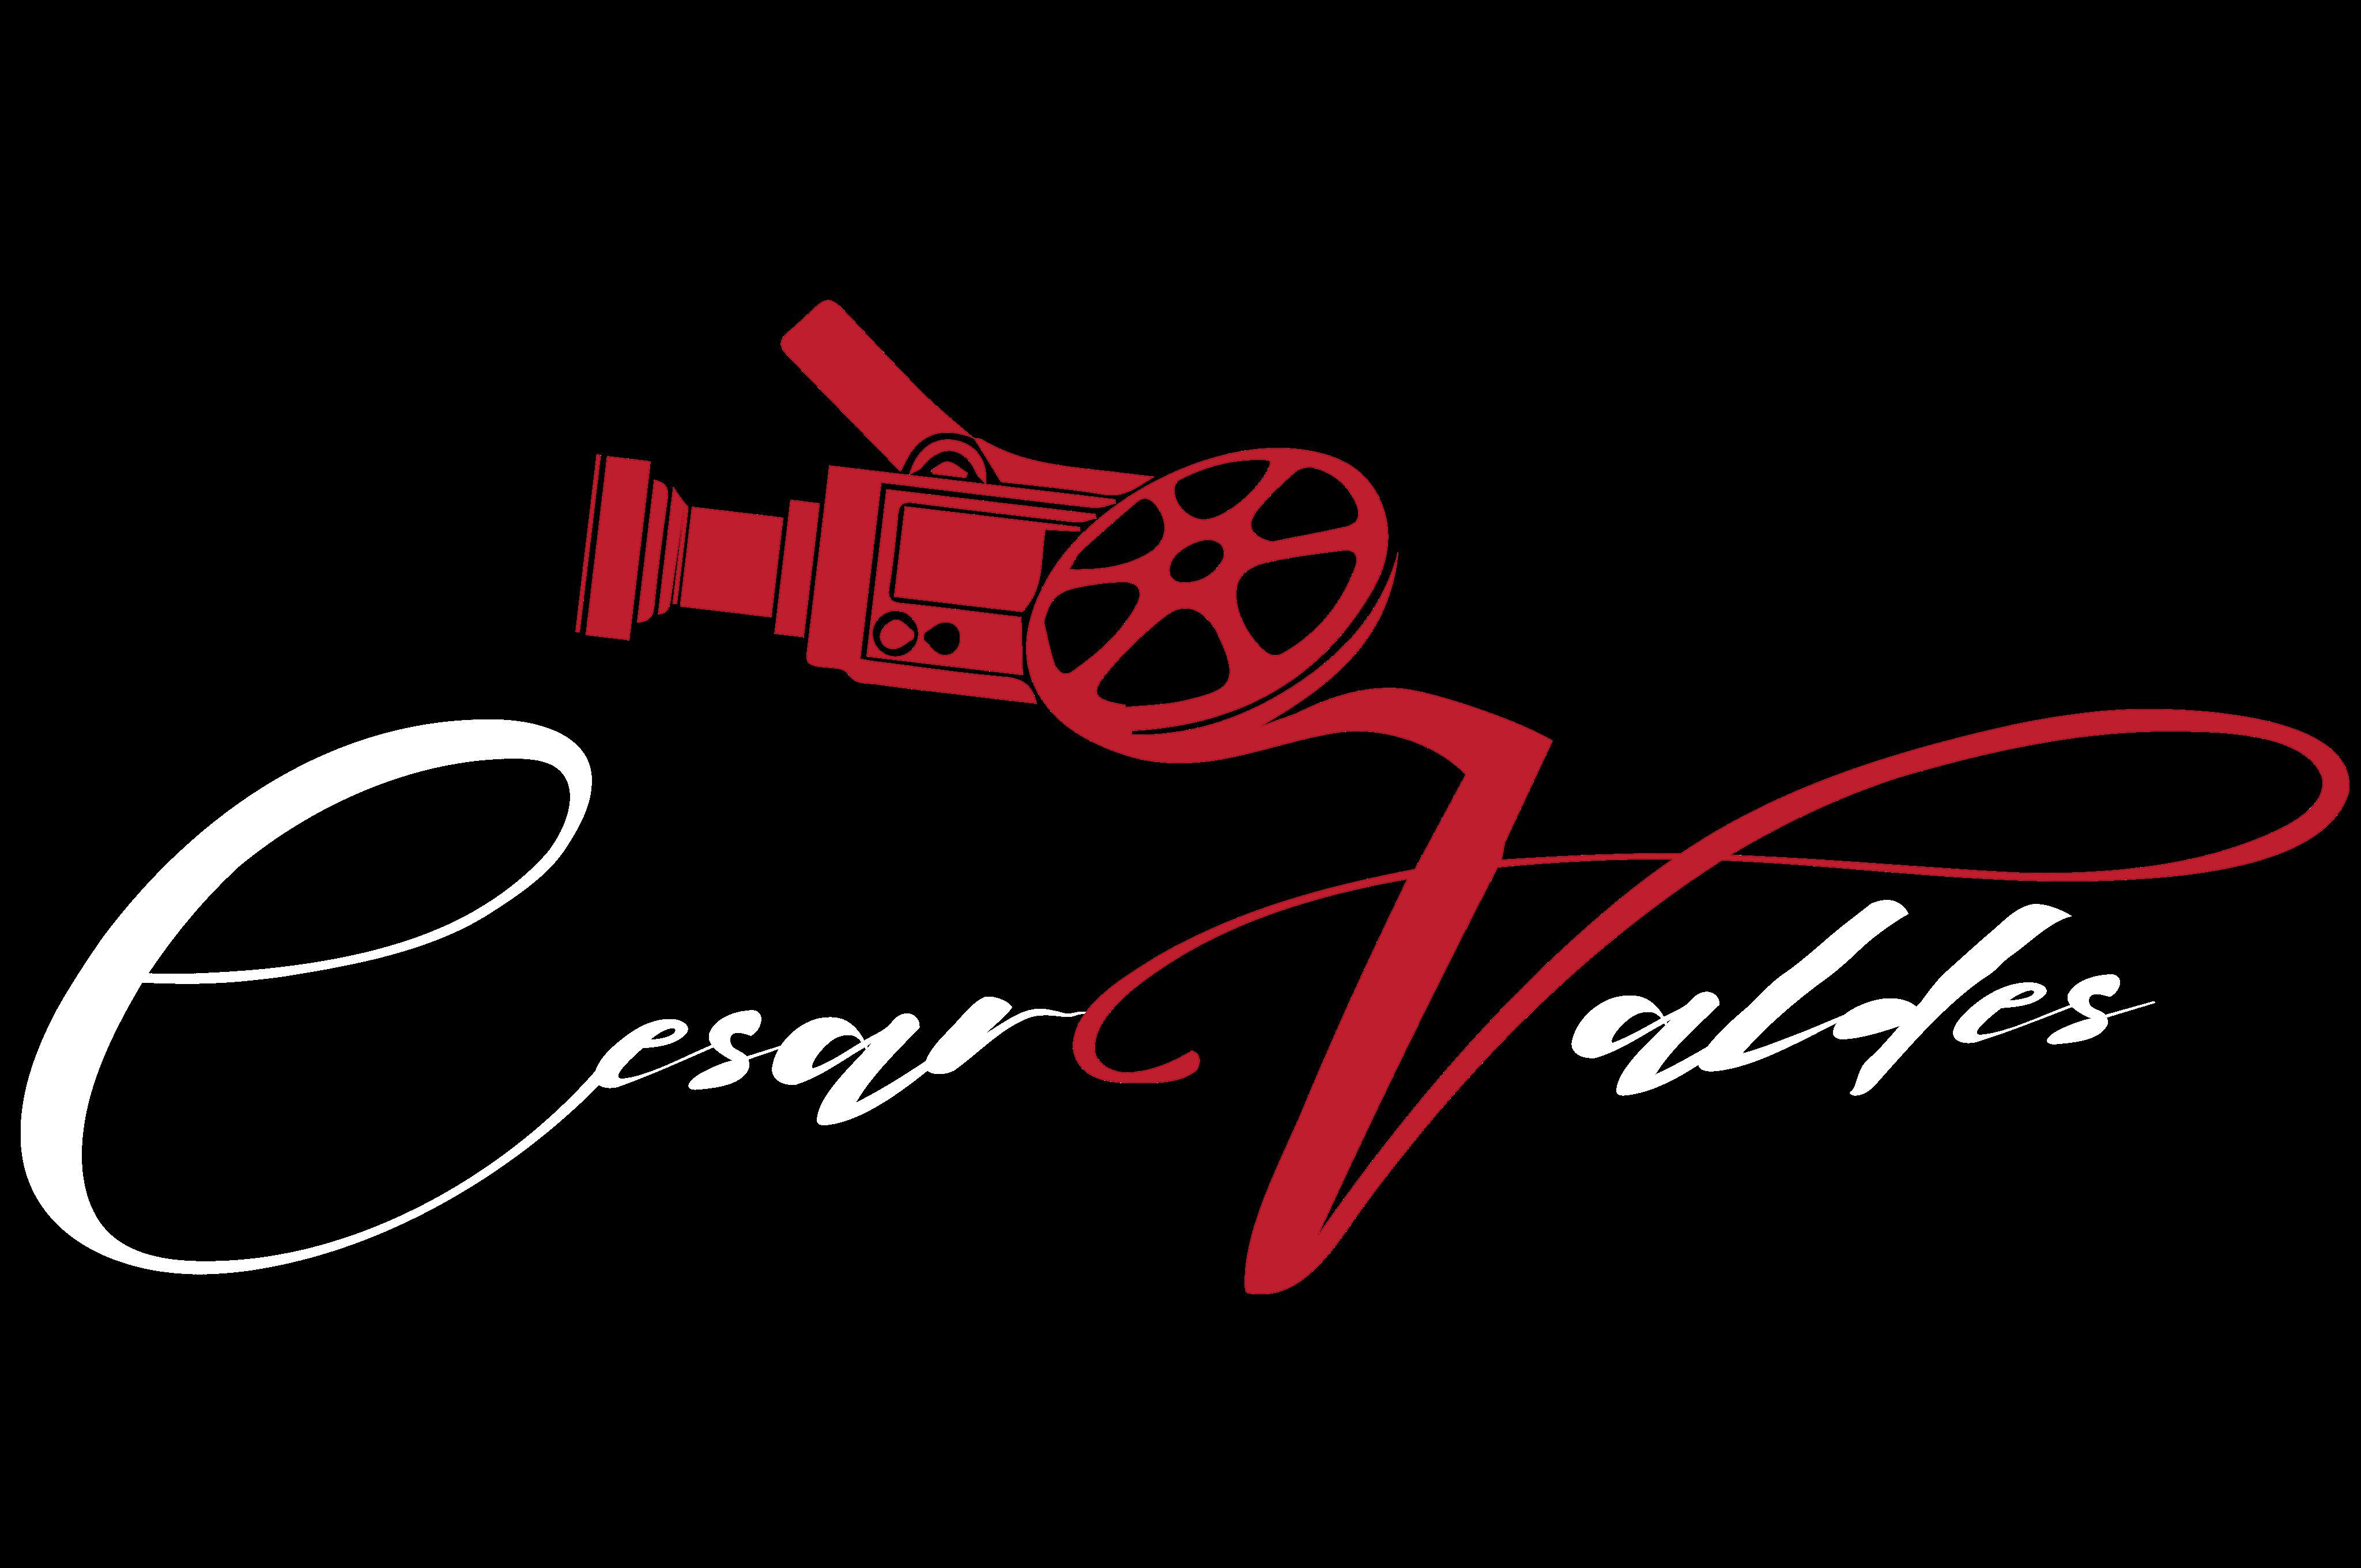 Cesar Valdes